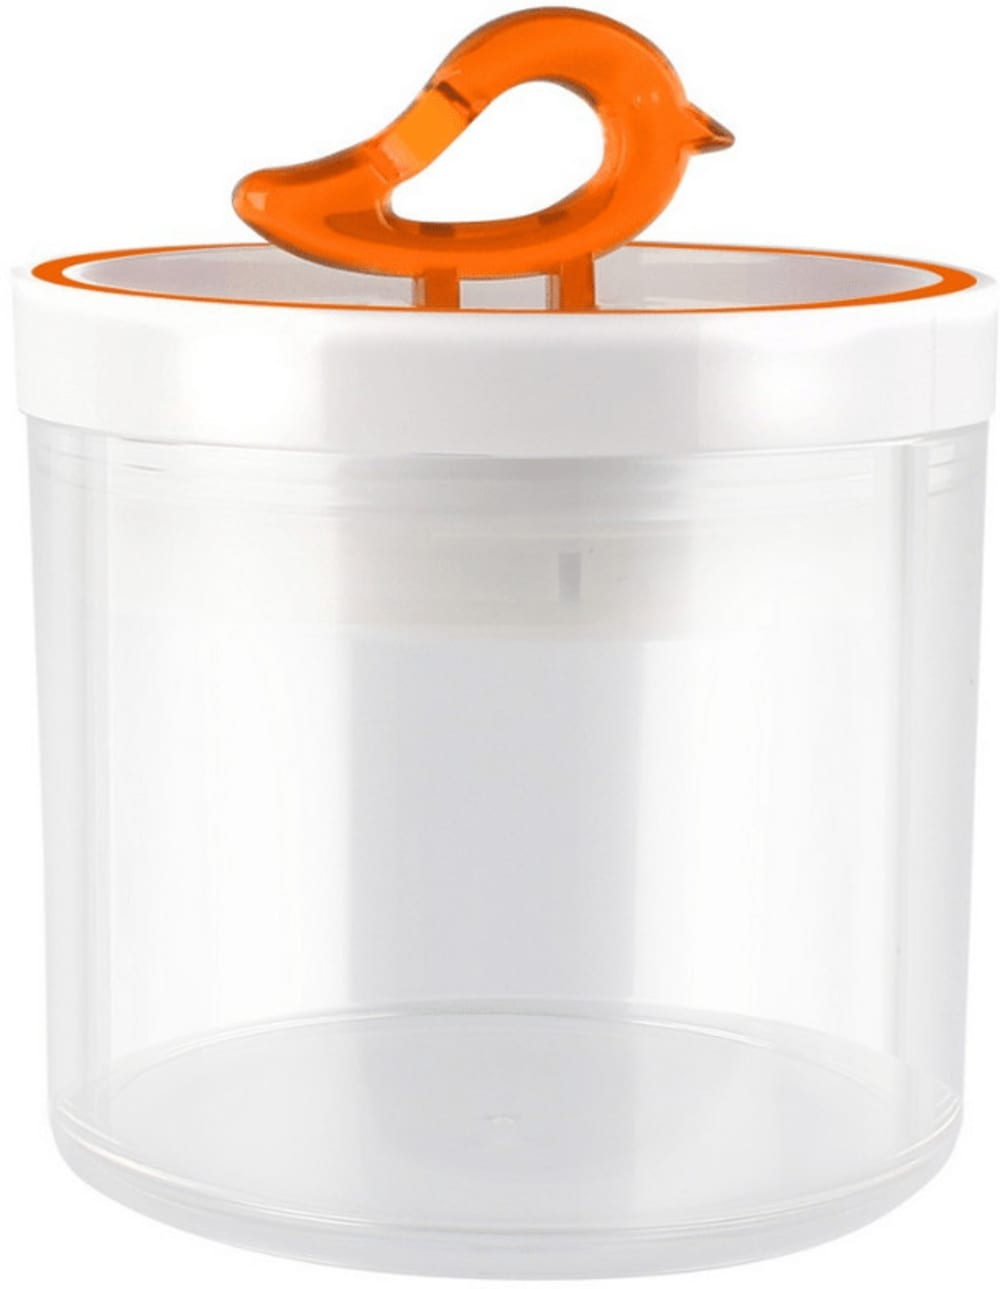 Pojemnik kuchenny pomarańczowy 400 ml Livio Vialli Design